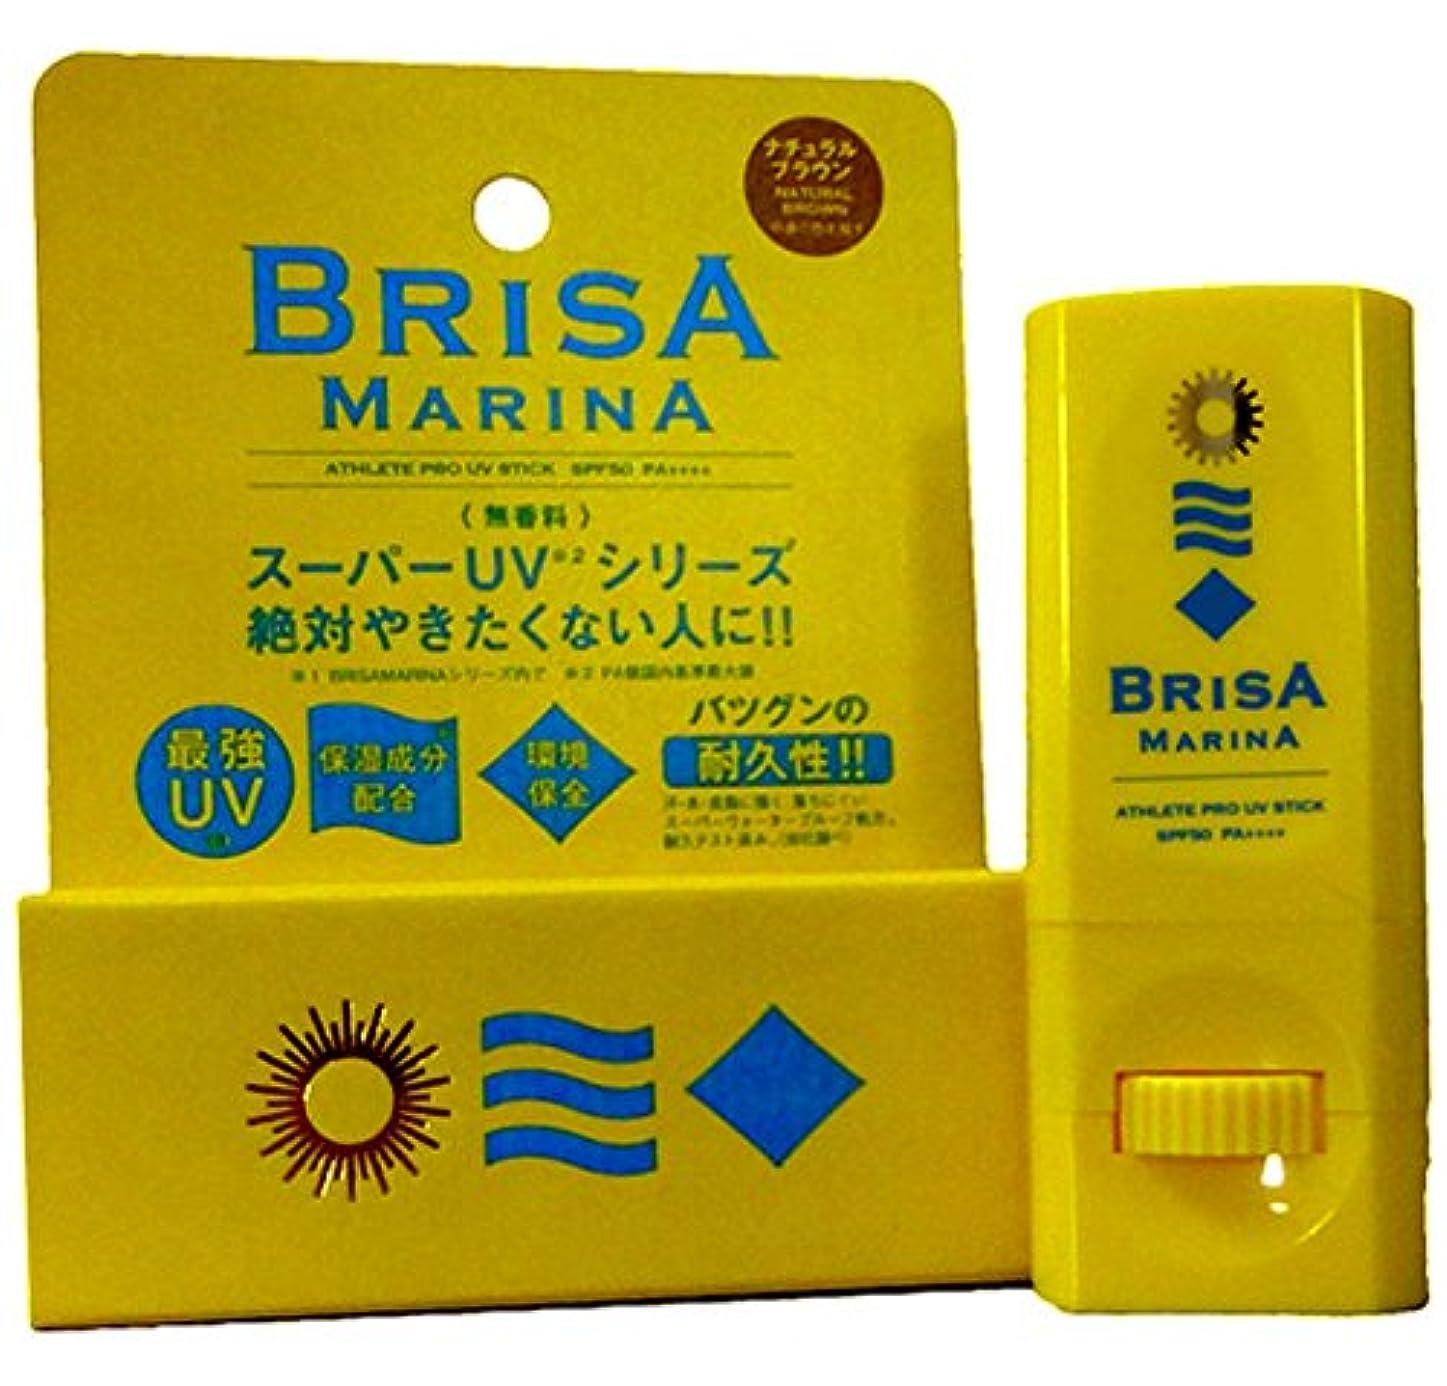 資格ブリード思い出させるBRISA MARINA(ブリサマリーナ) ATHLETE PRO UV STICK 10g 日焼け止め スティック (01-WHITE)